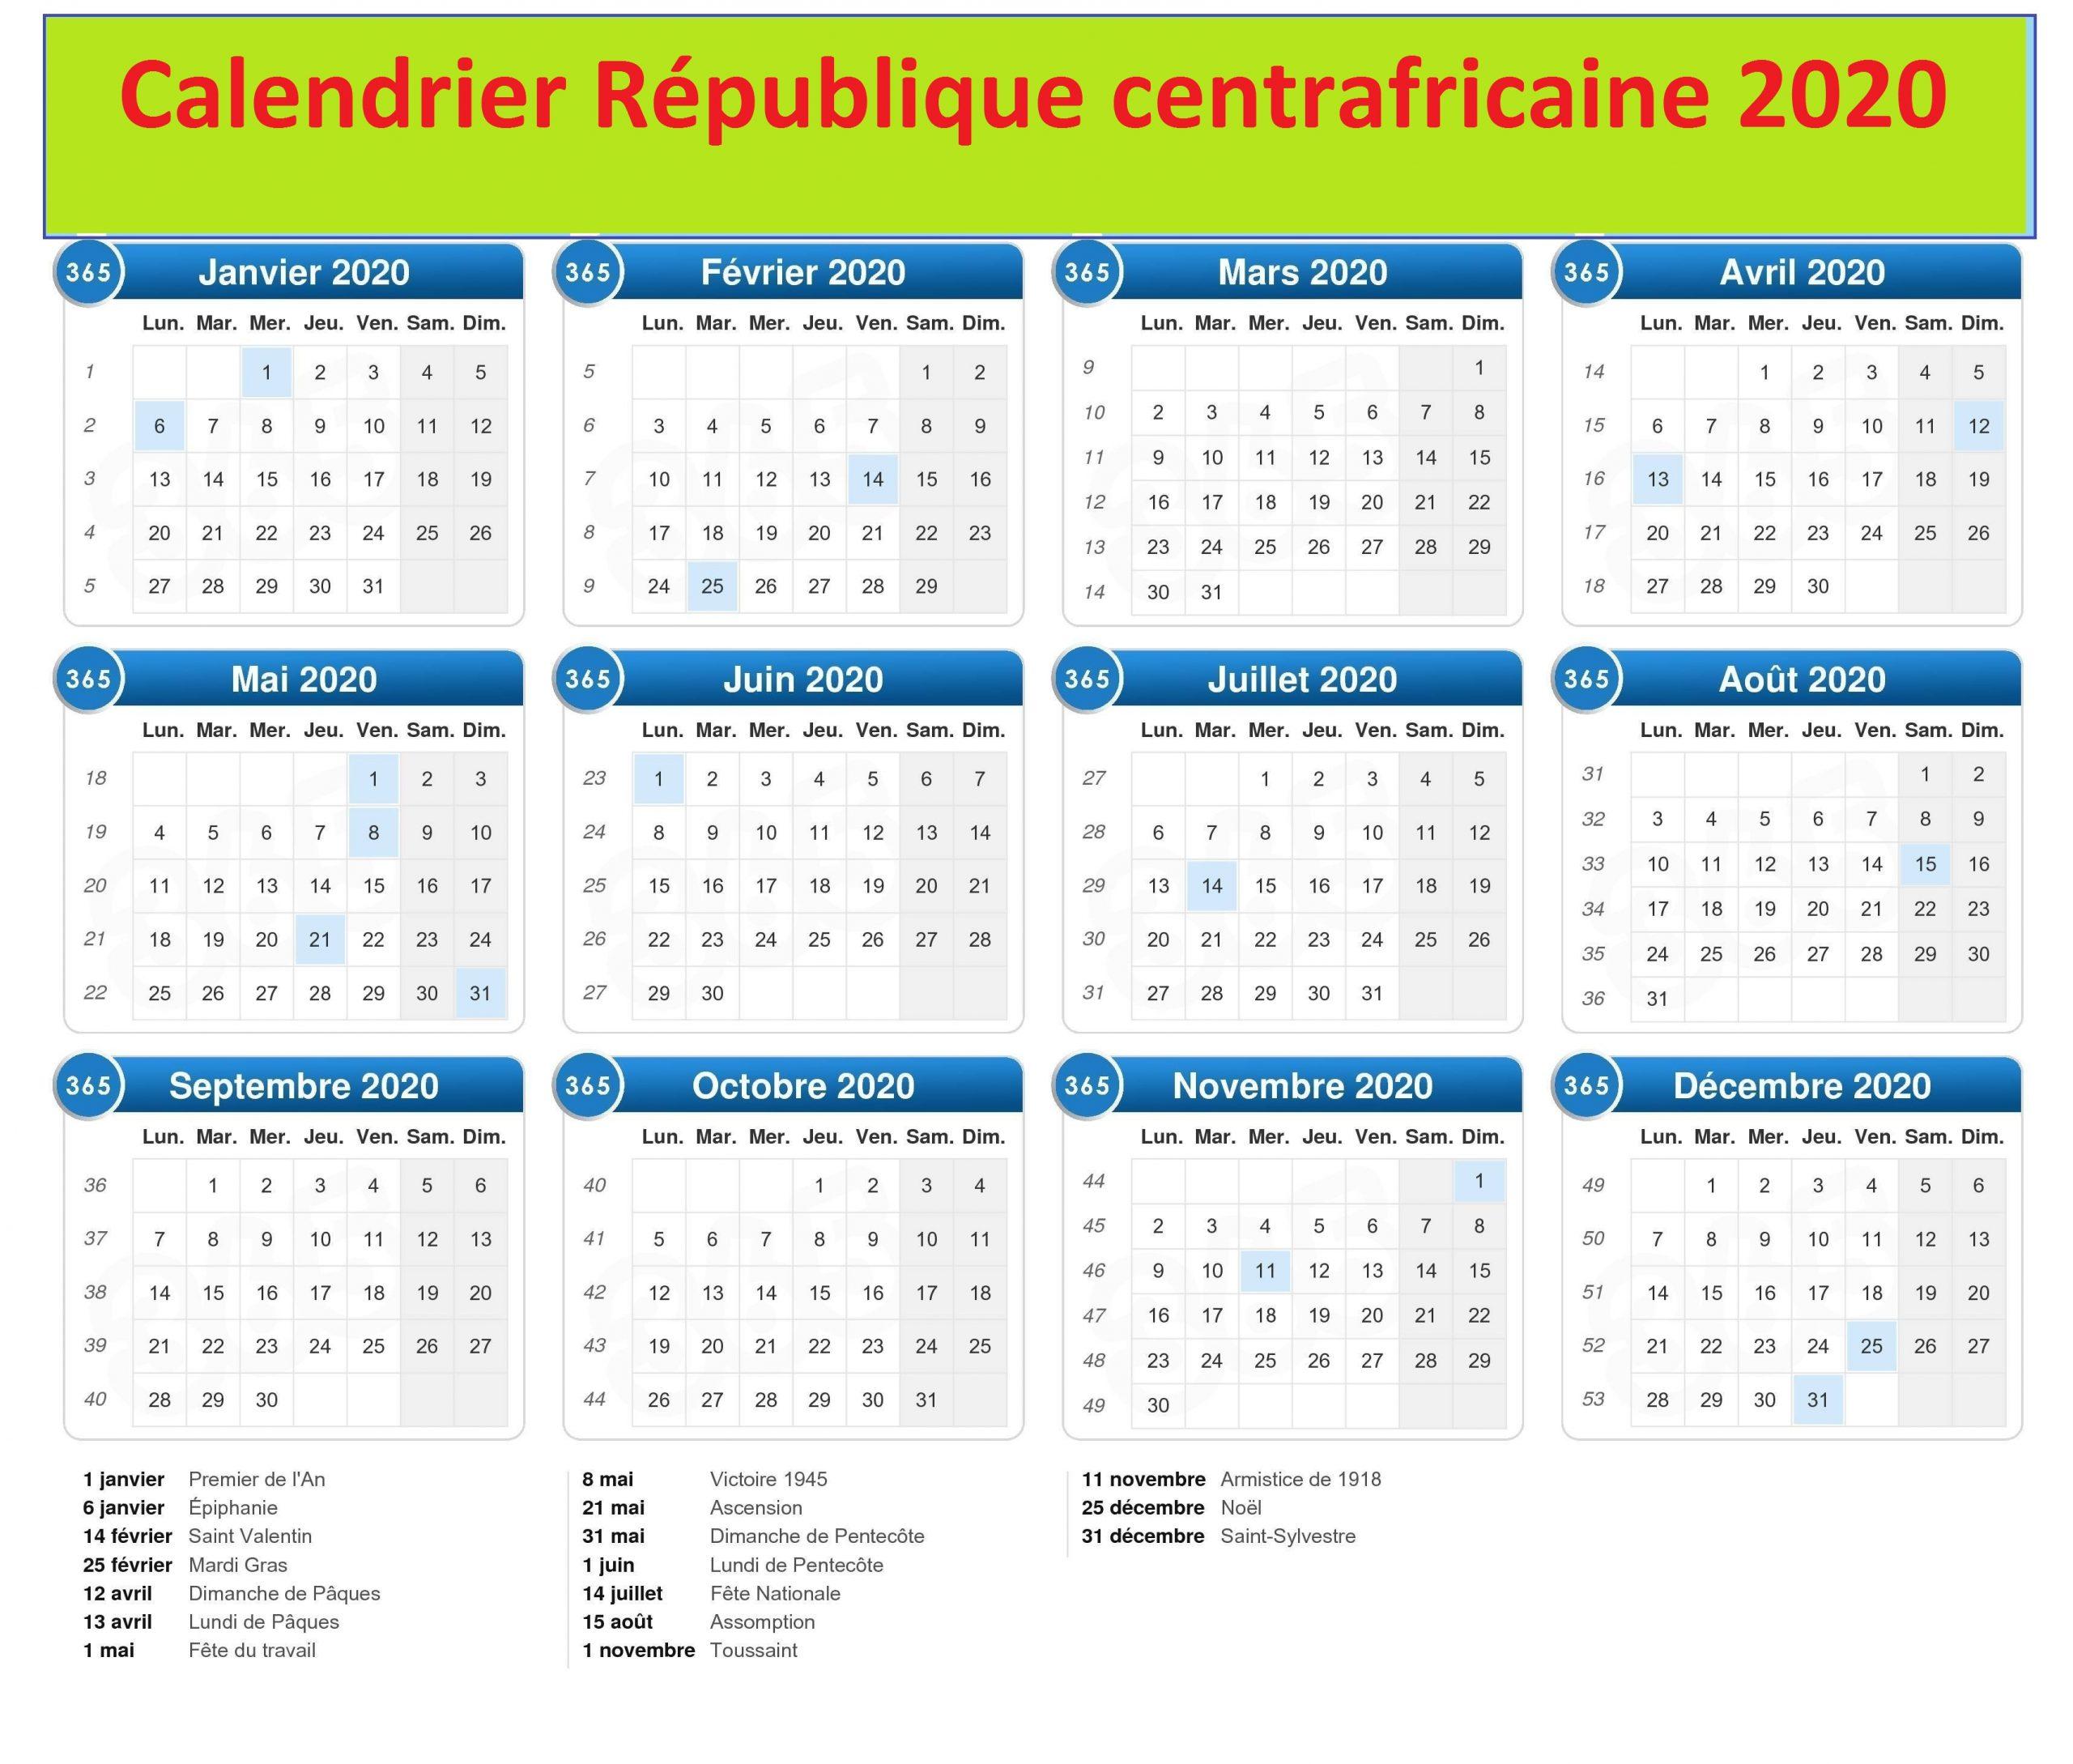 Calendrier de la République centrafricaine 2020 Au Cameroun